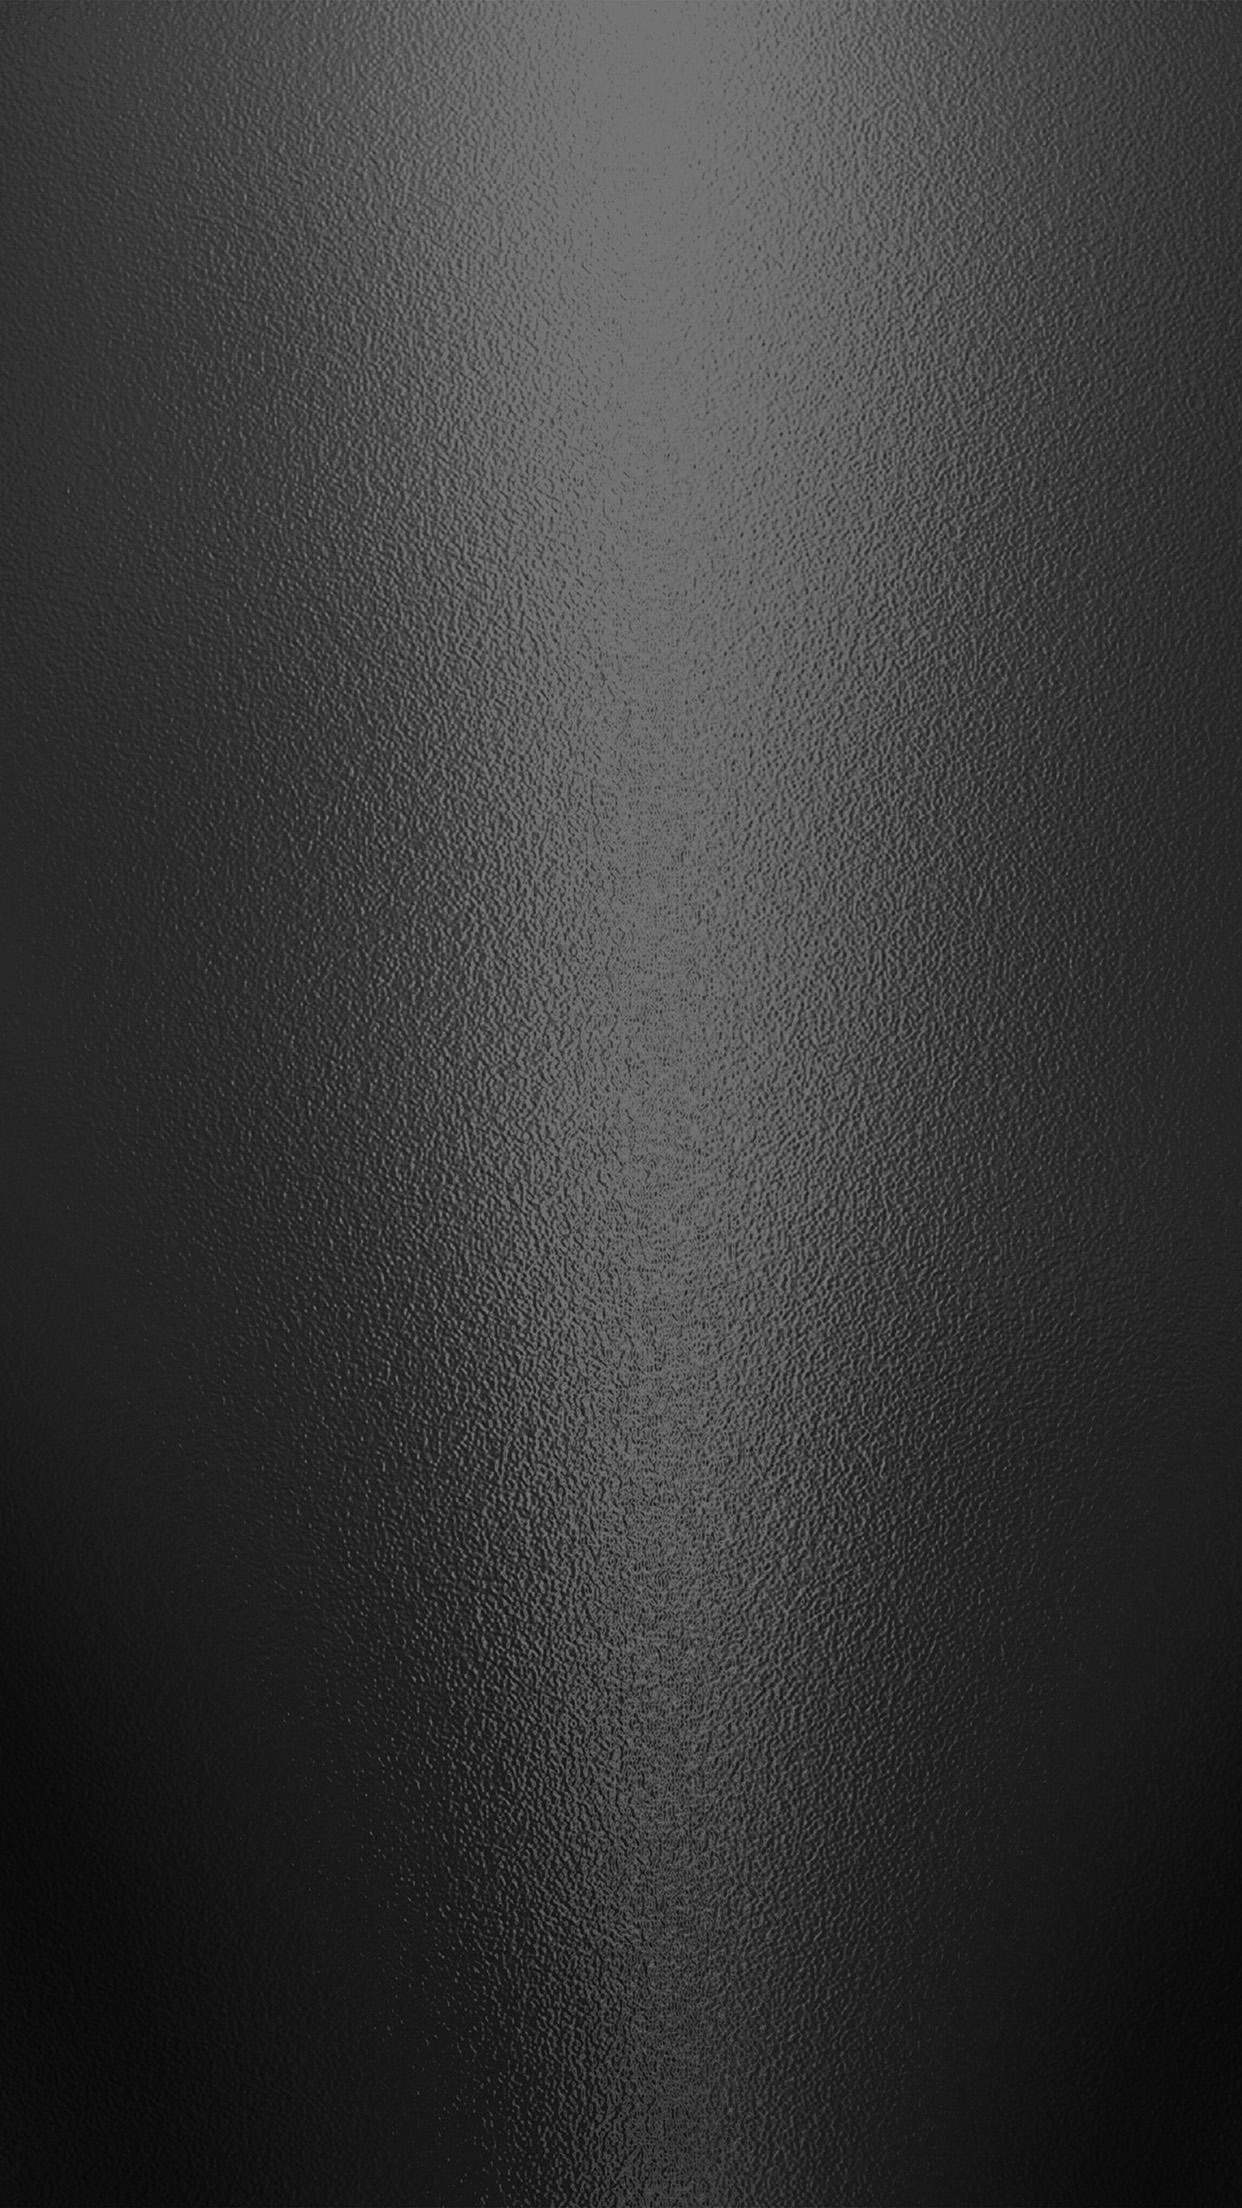 Iphonepapers Com Iphone 8 Wallpaper Vr46 Texture Dark